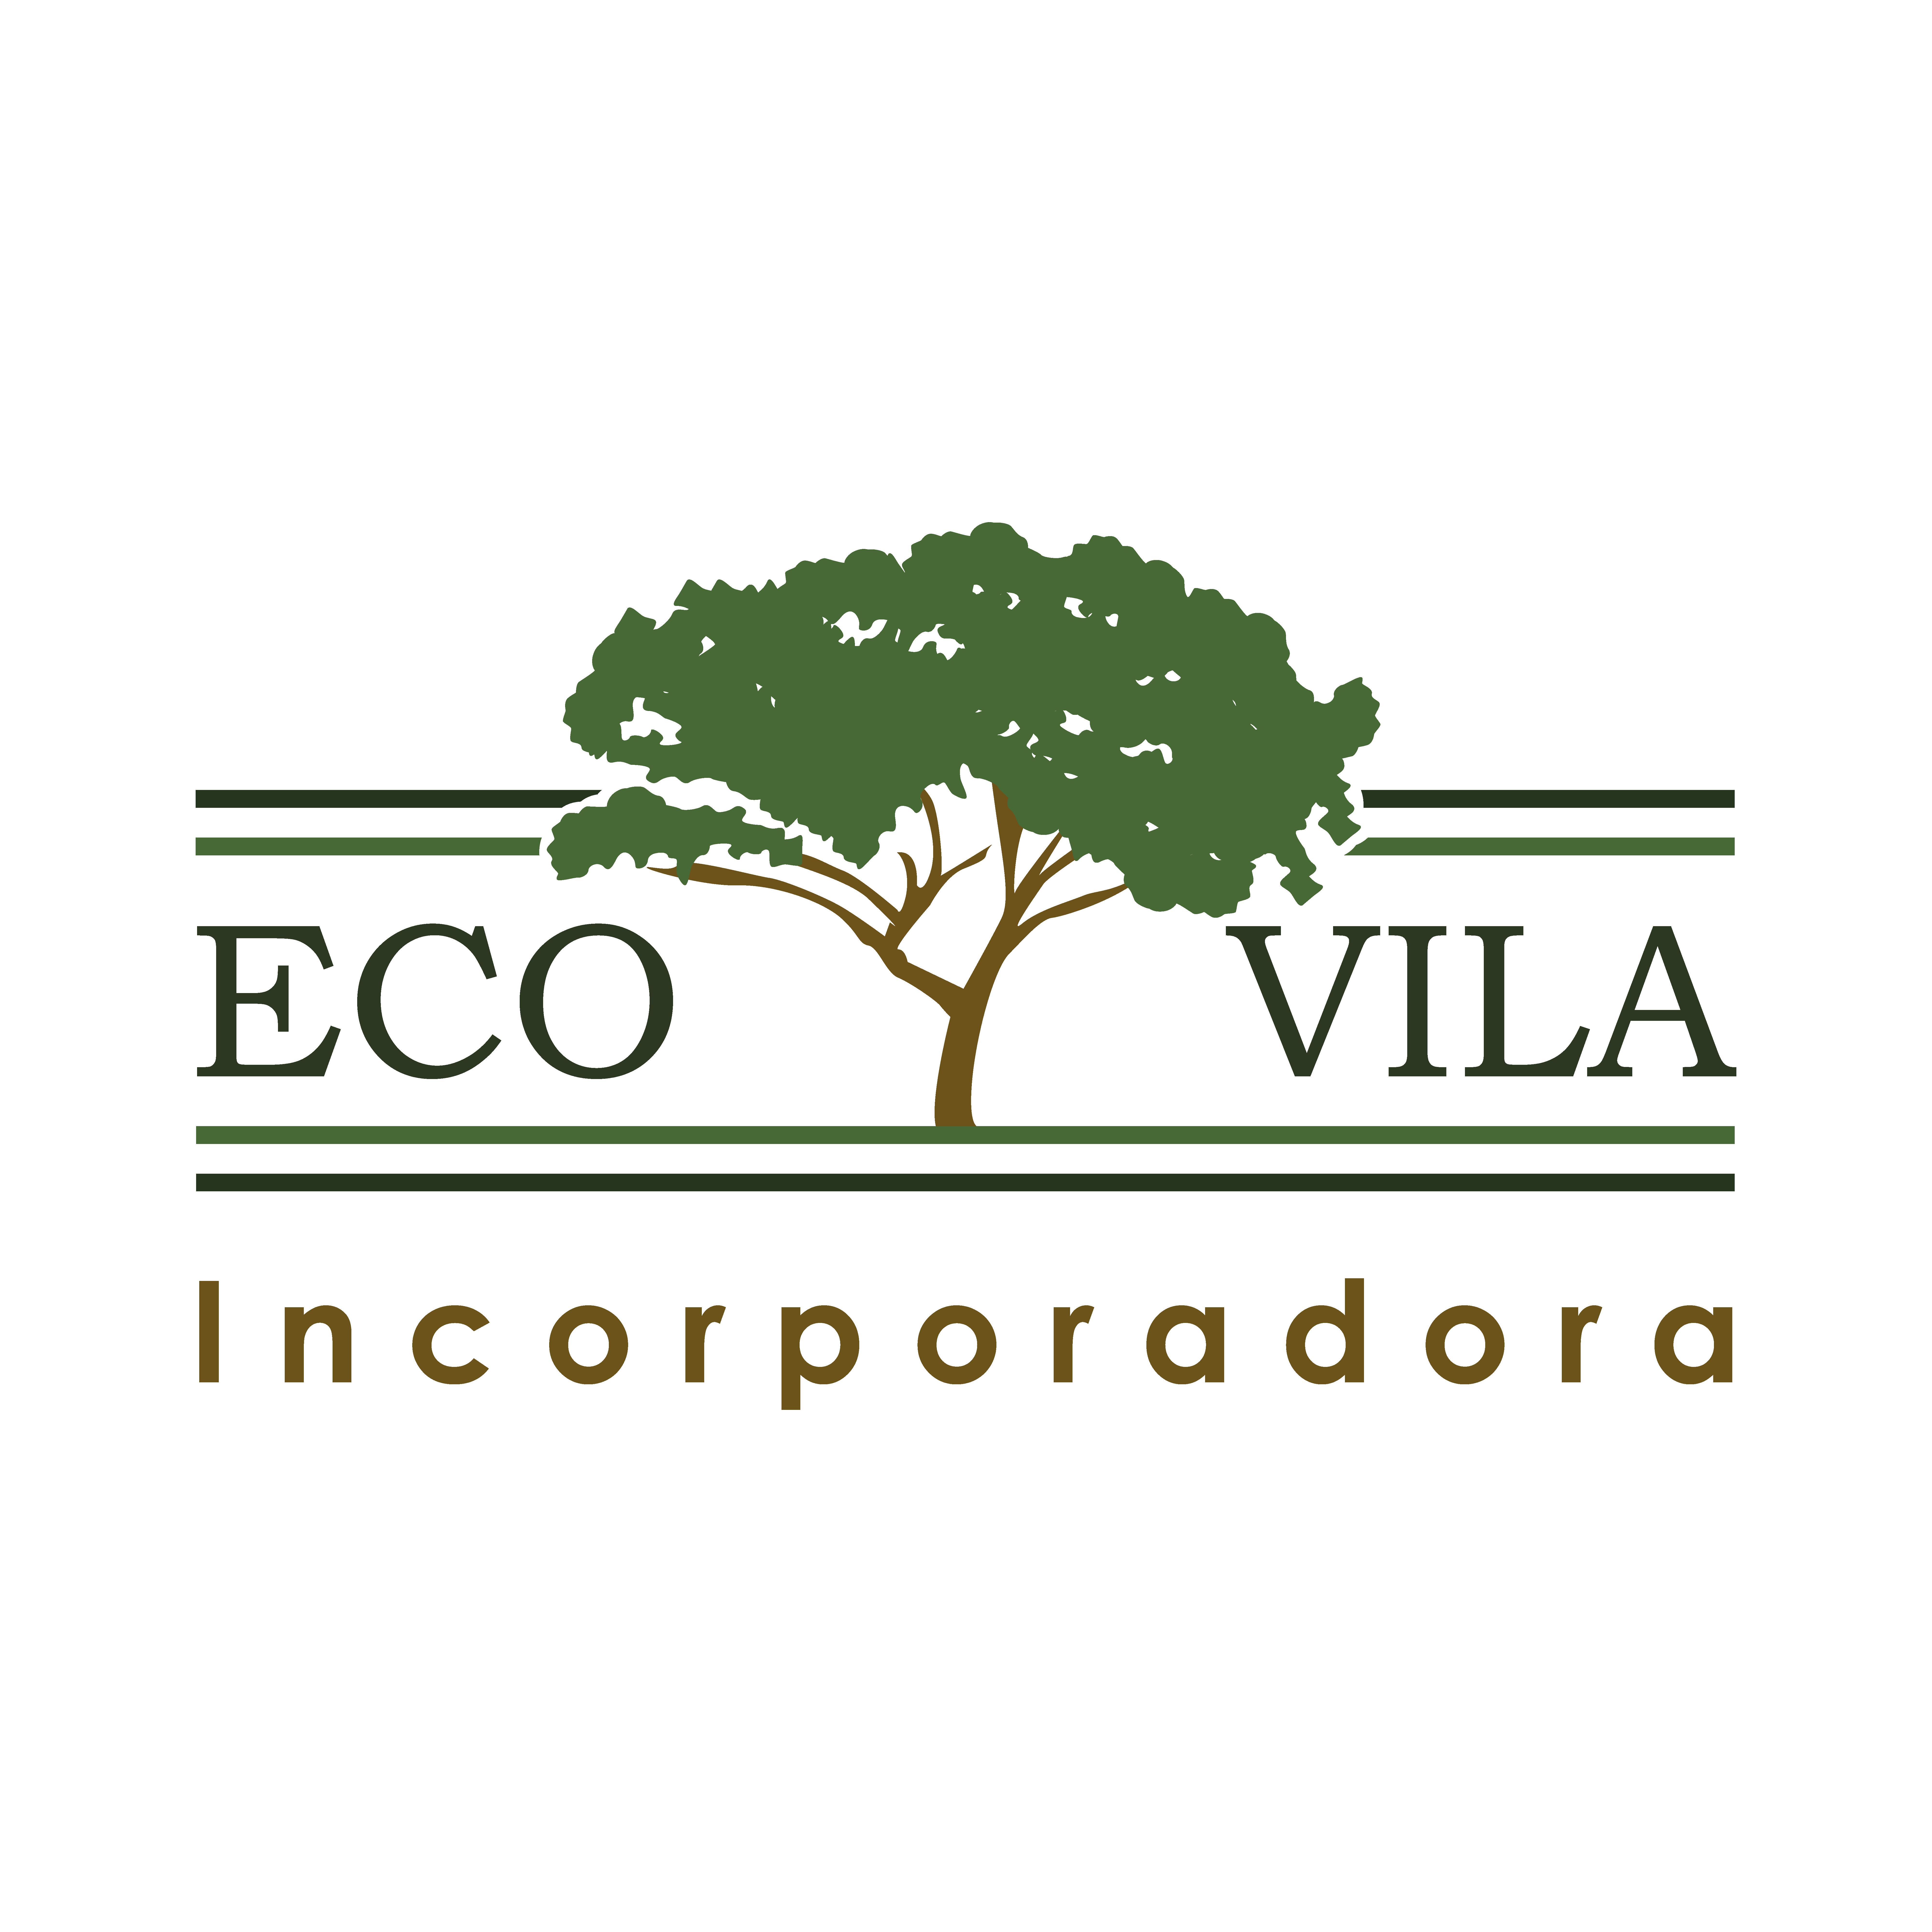 Ecovila Incorporadora